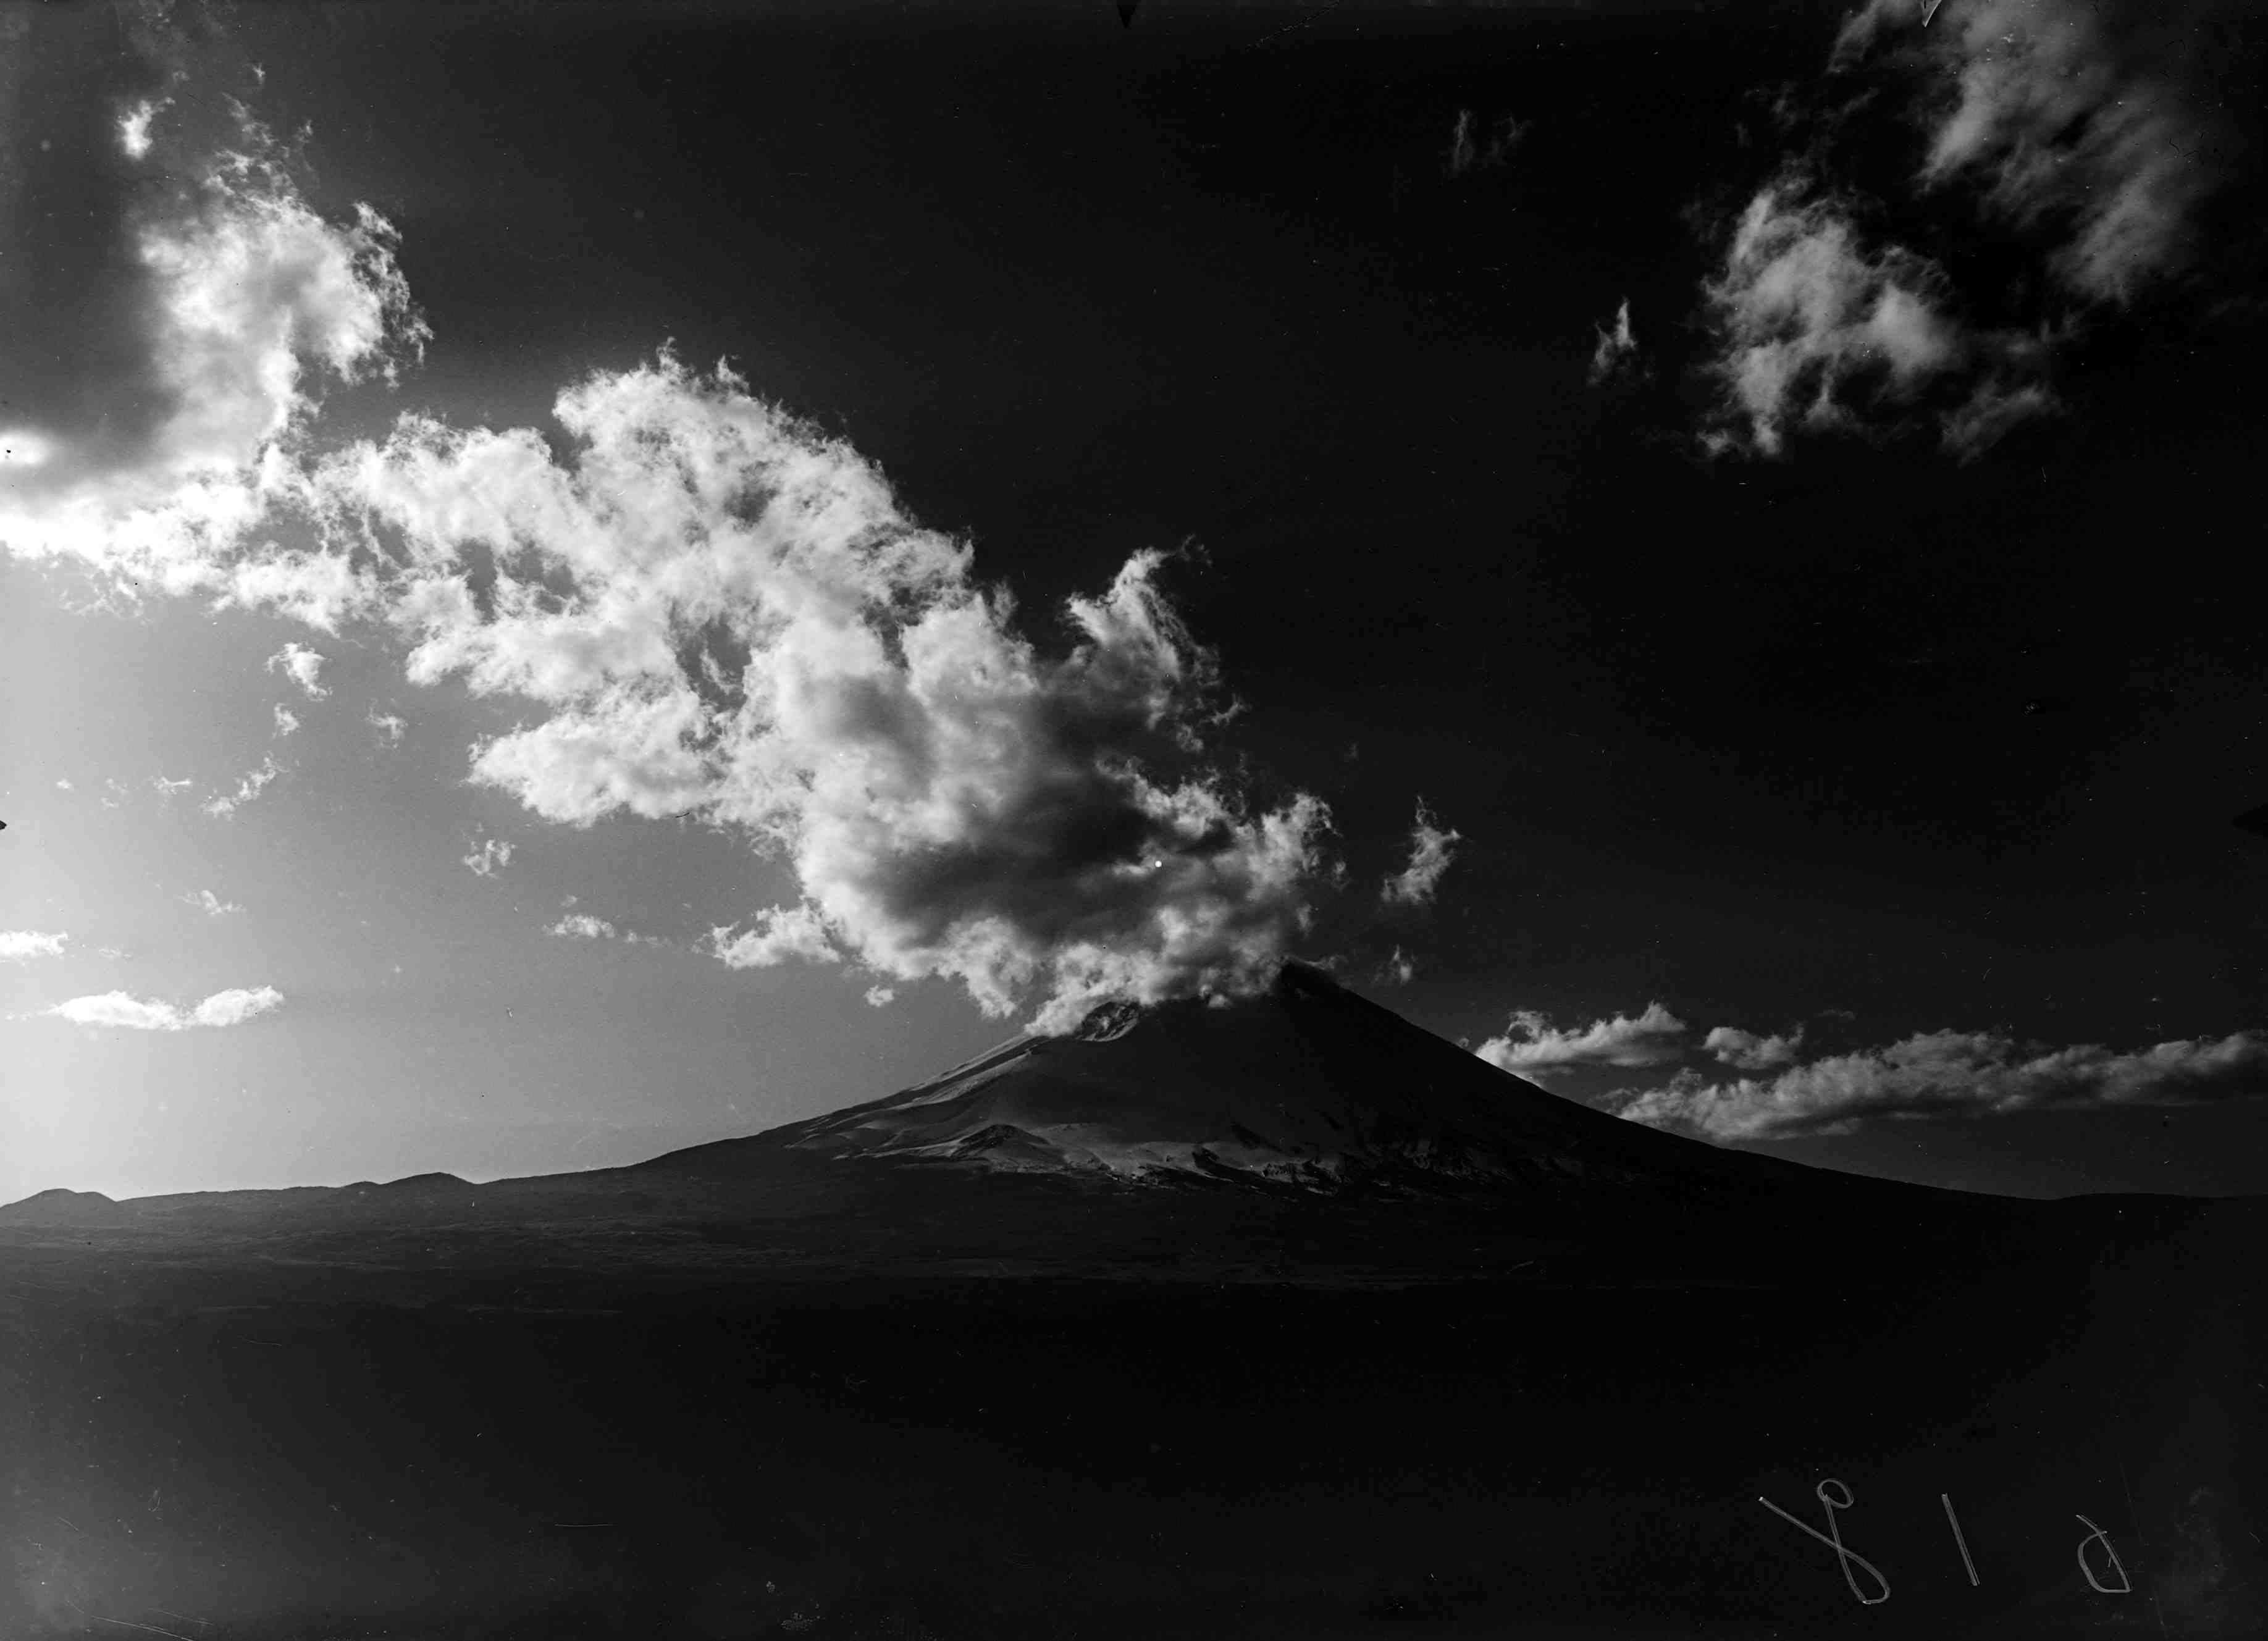 Le comte des nuages – Masanao Abe